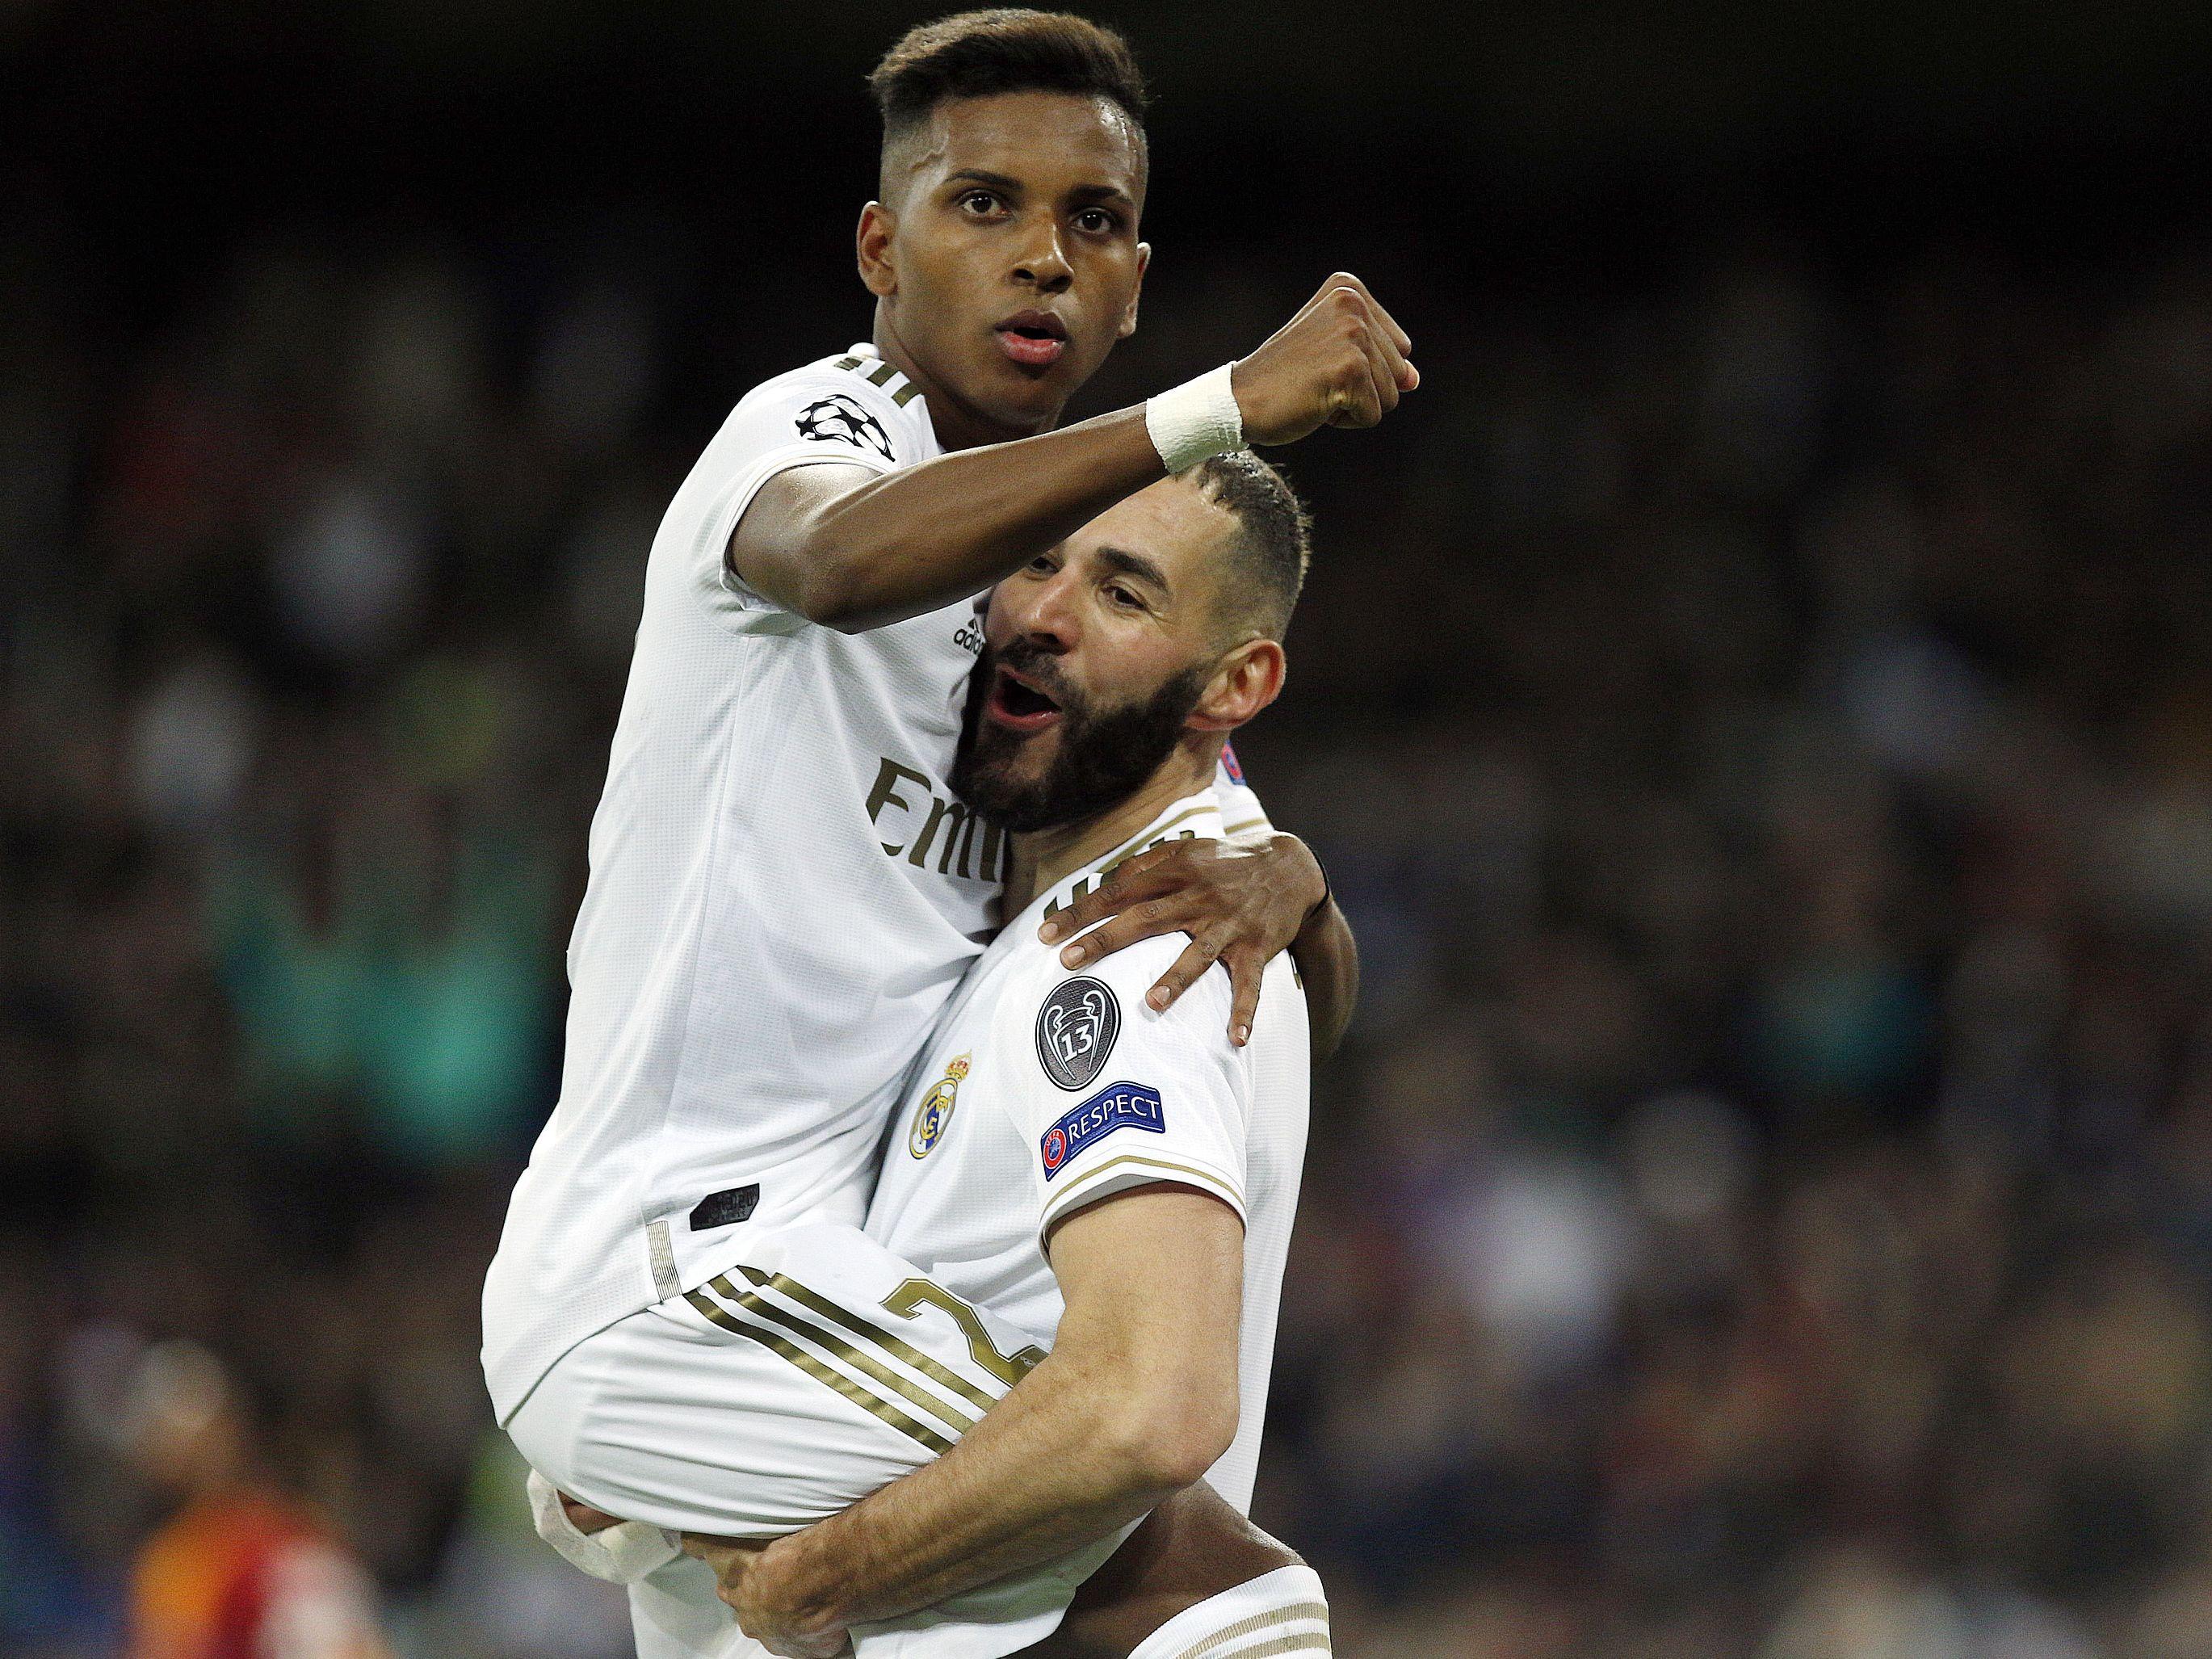 Das Zusammenspiel zwischen Rodrygo und Karim Benzema funktionierte sehr gut.